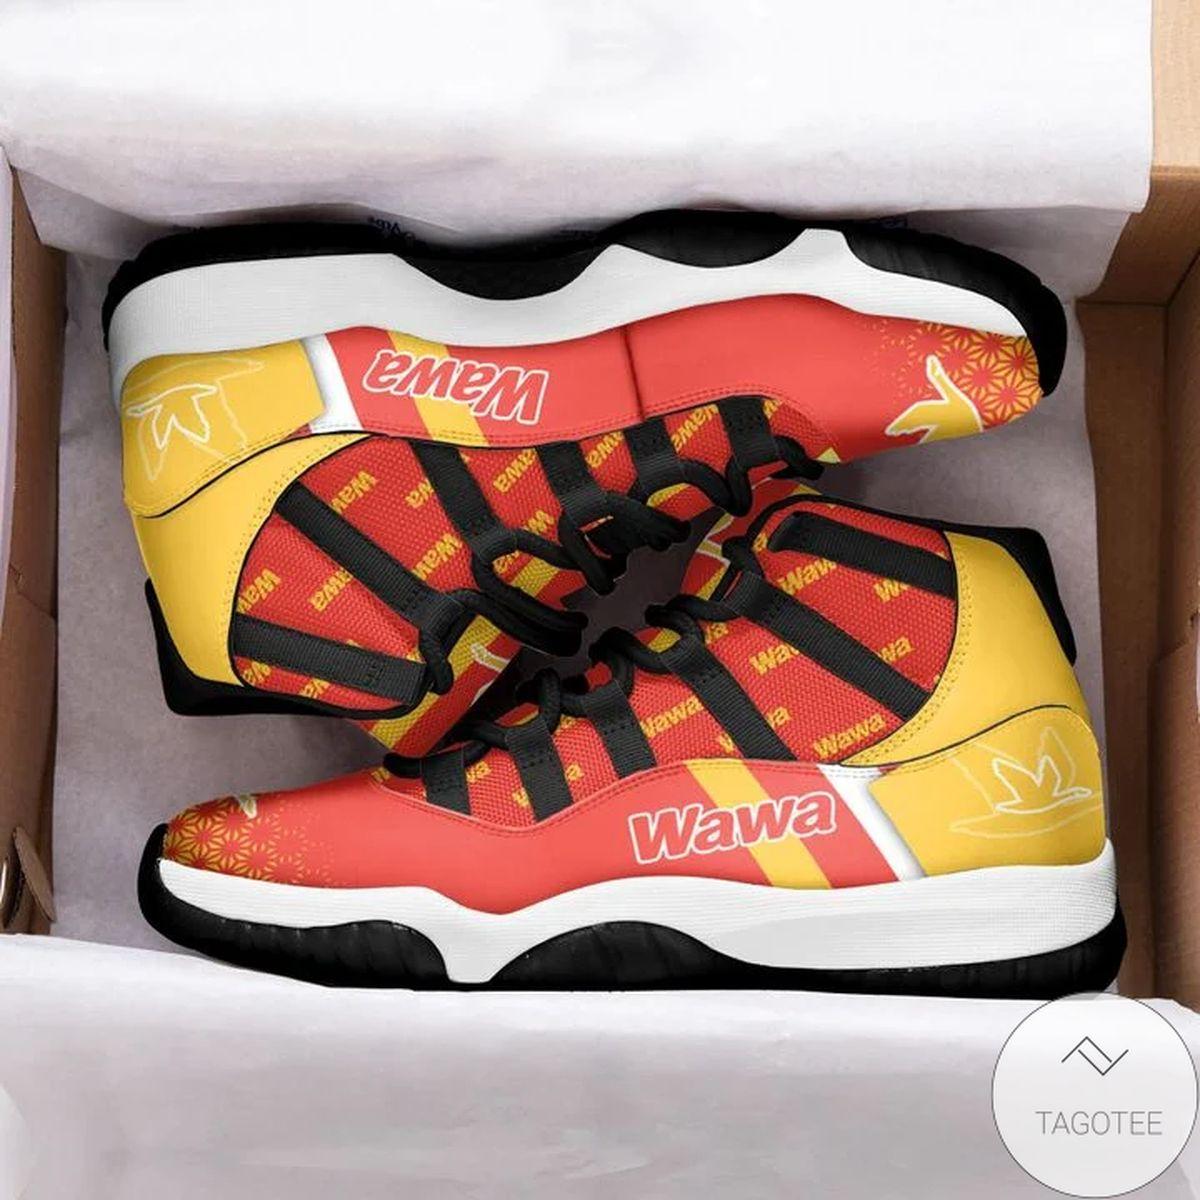 Wawa Air Jordan 11 Shoes